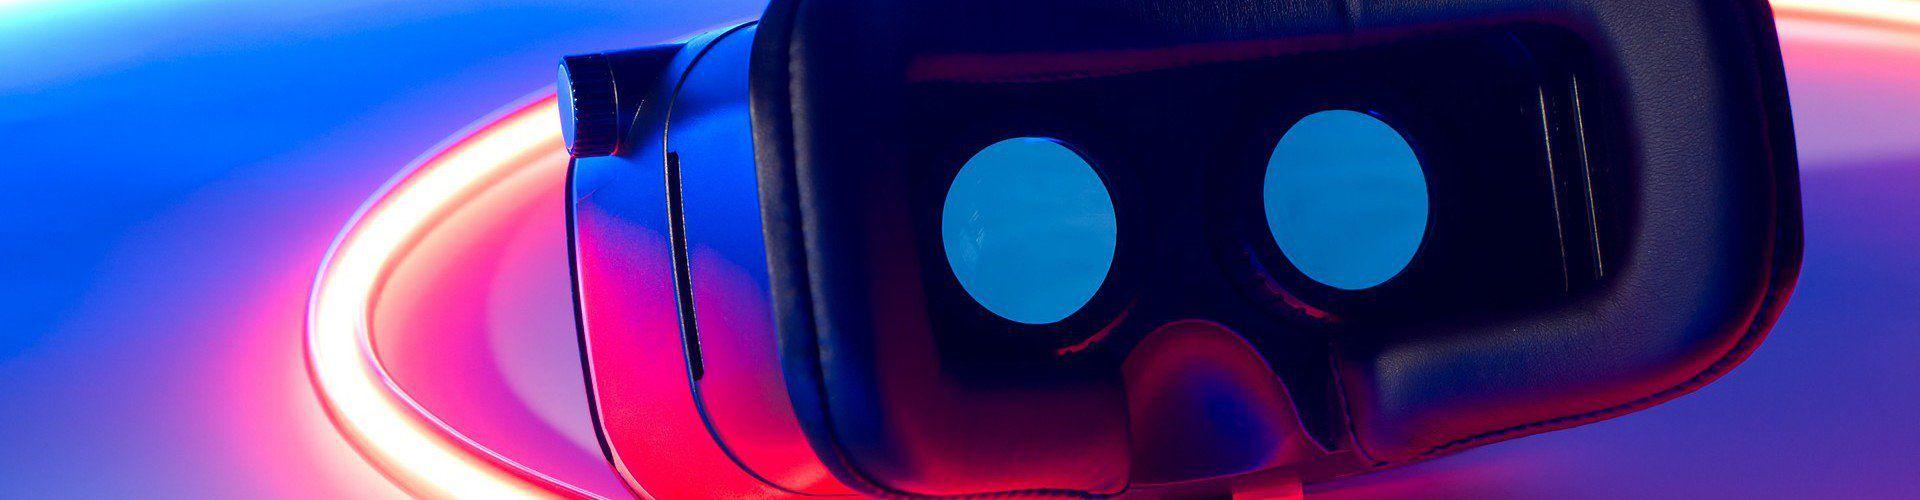 Zdjęcie gogli VR pochodzi z serwisu Shutterstock